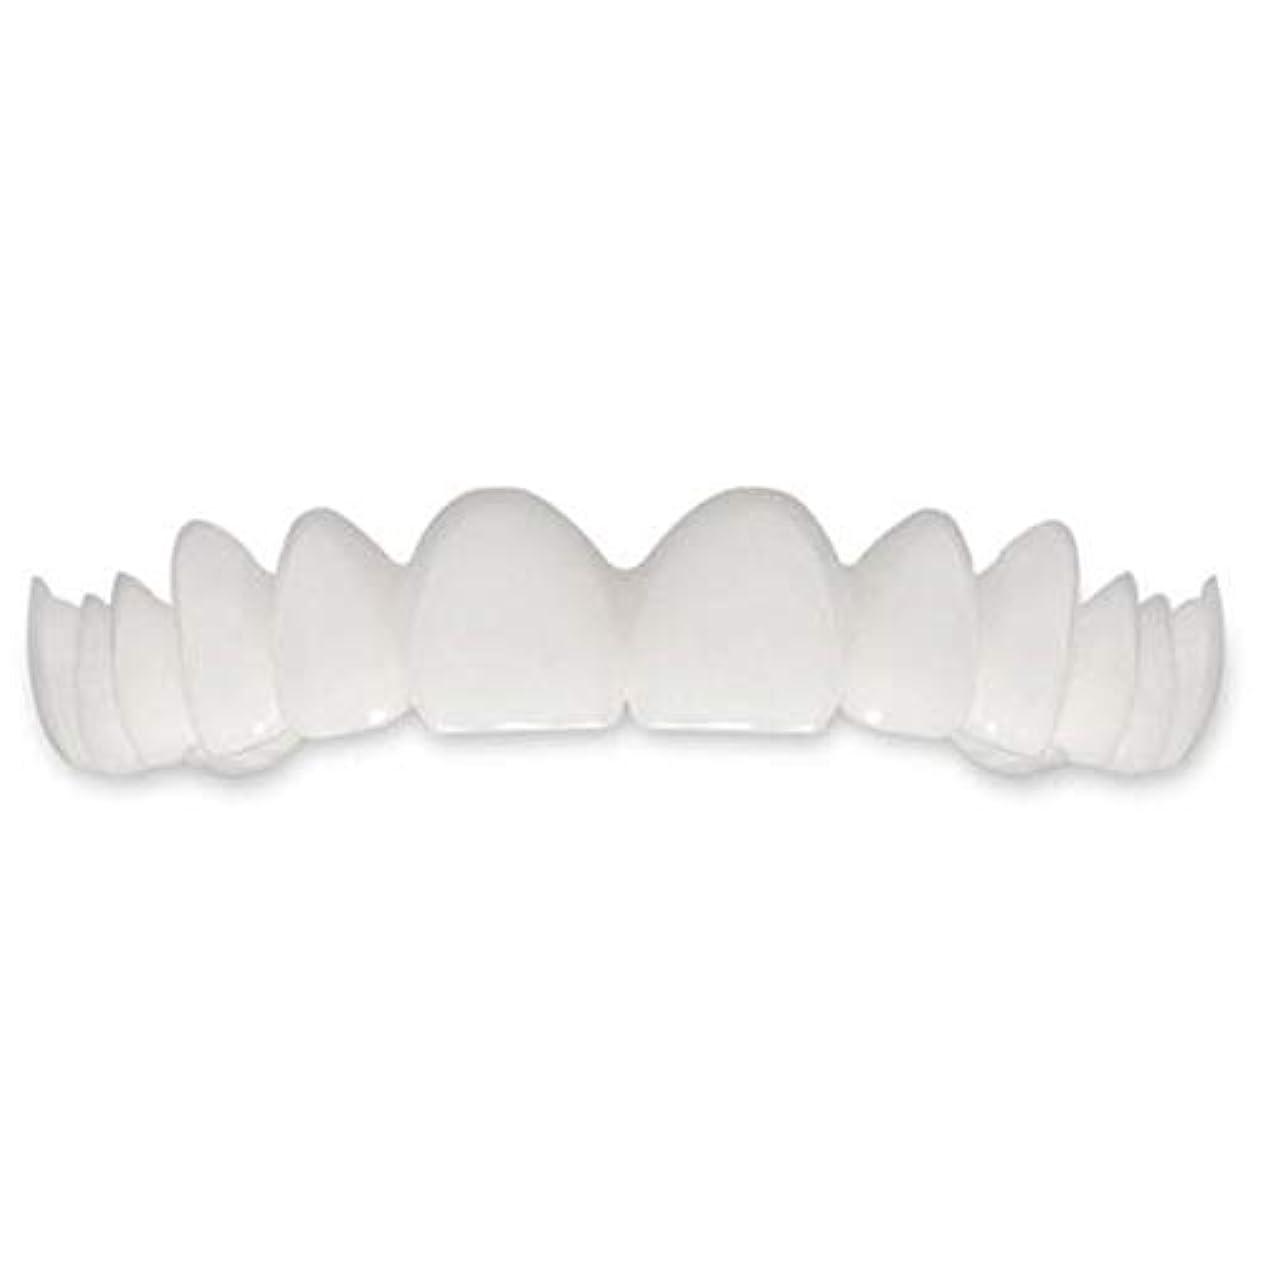 疾患食物ゴージャス笑顔の偽歯カバーを白くする歯の瞬間の完璧な笑顔フレックス歯 - ホワイト